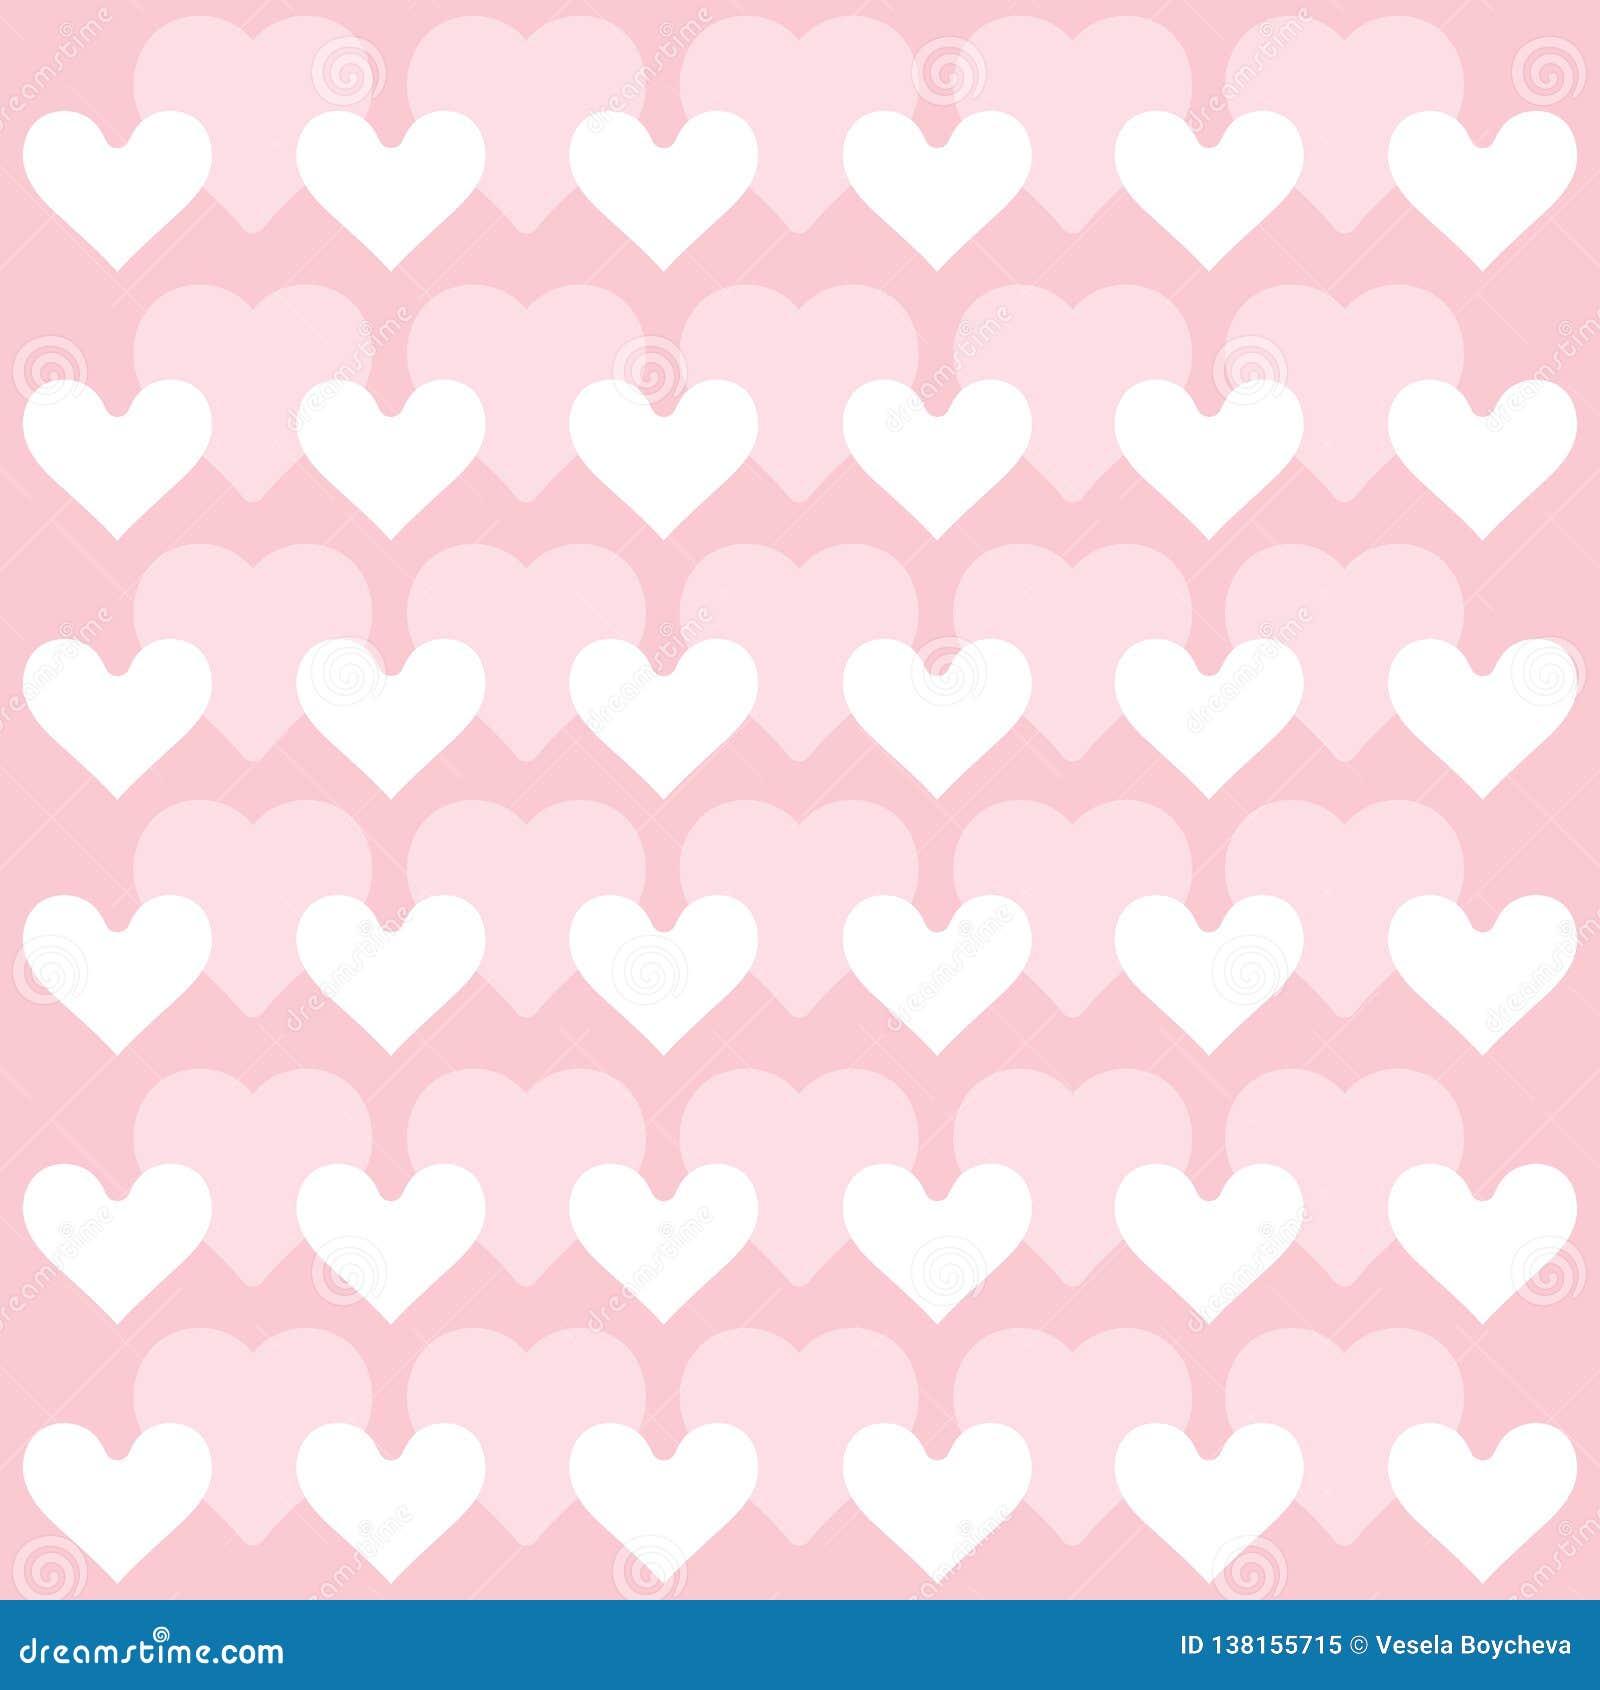 Herzhintergrund - Mustervektor - Herzen - St.-Valentinsgruß - Herzen tapezieren